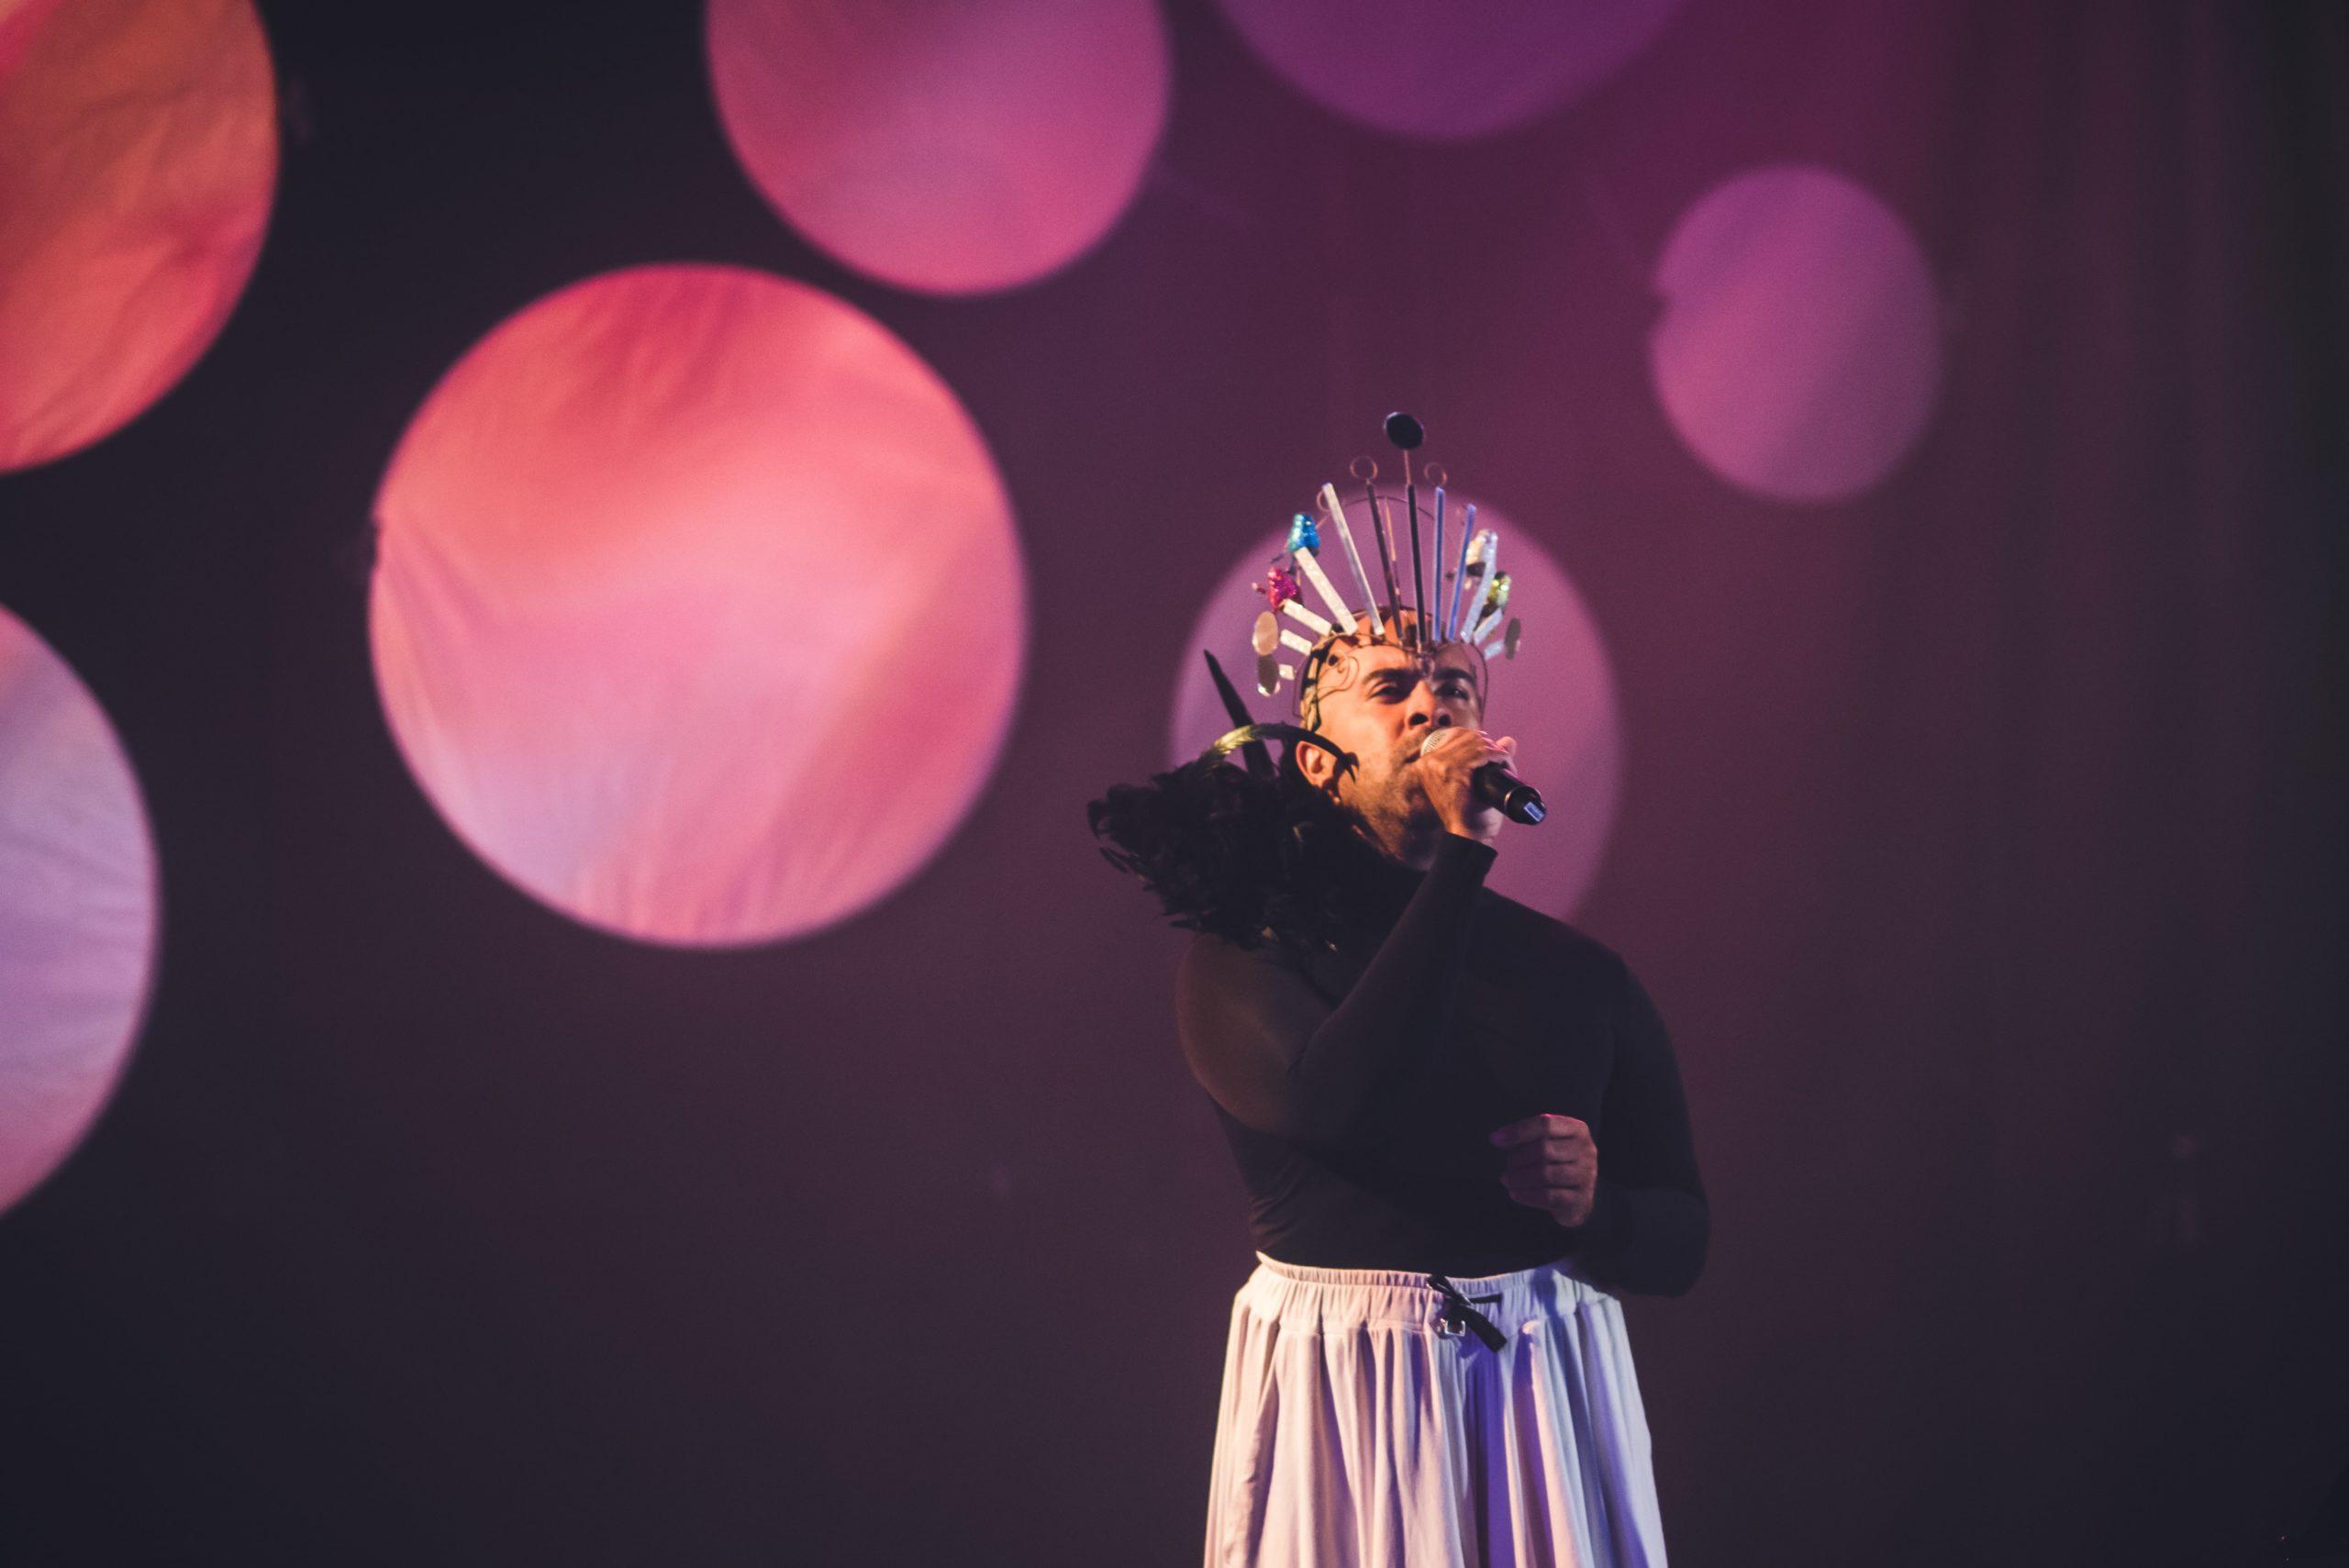 Image of Bruno Capinan singing.